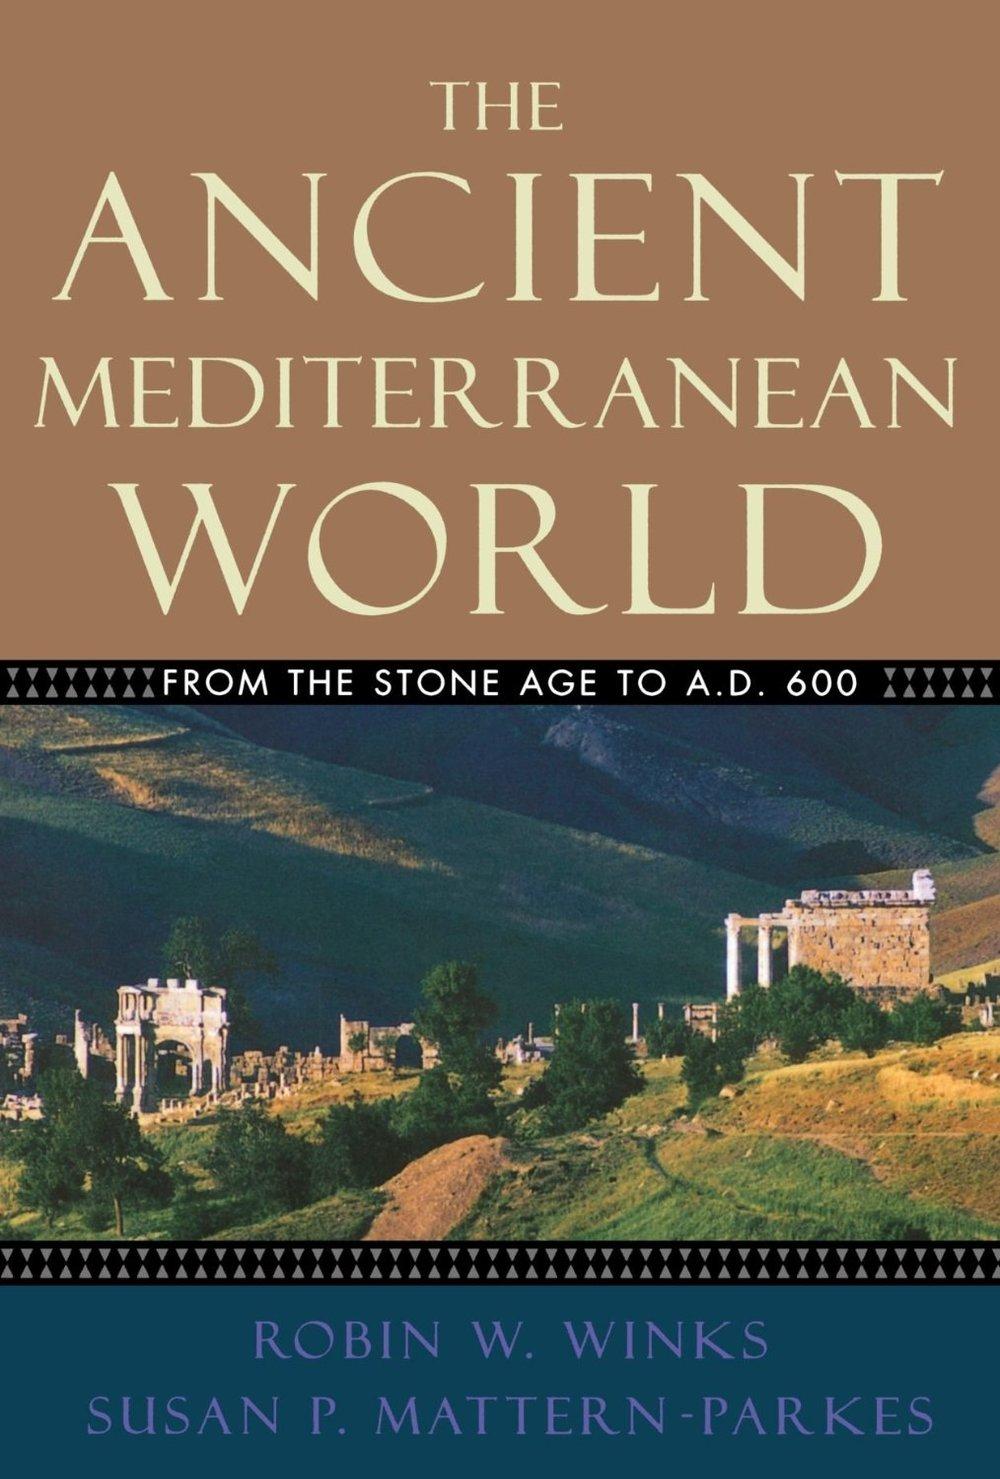 Ancient Mediterranean World.jpg